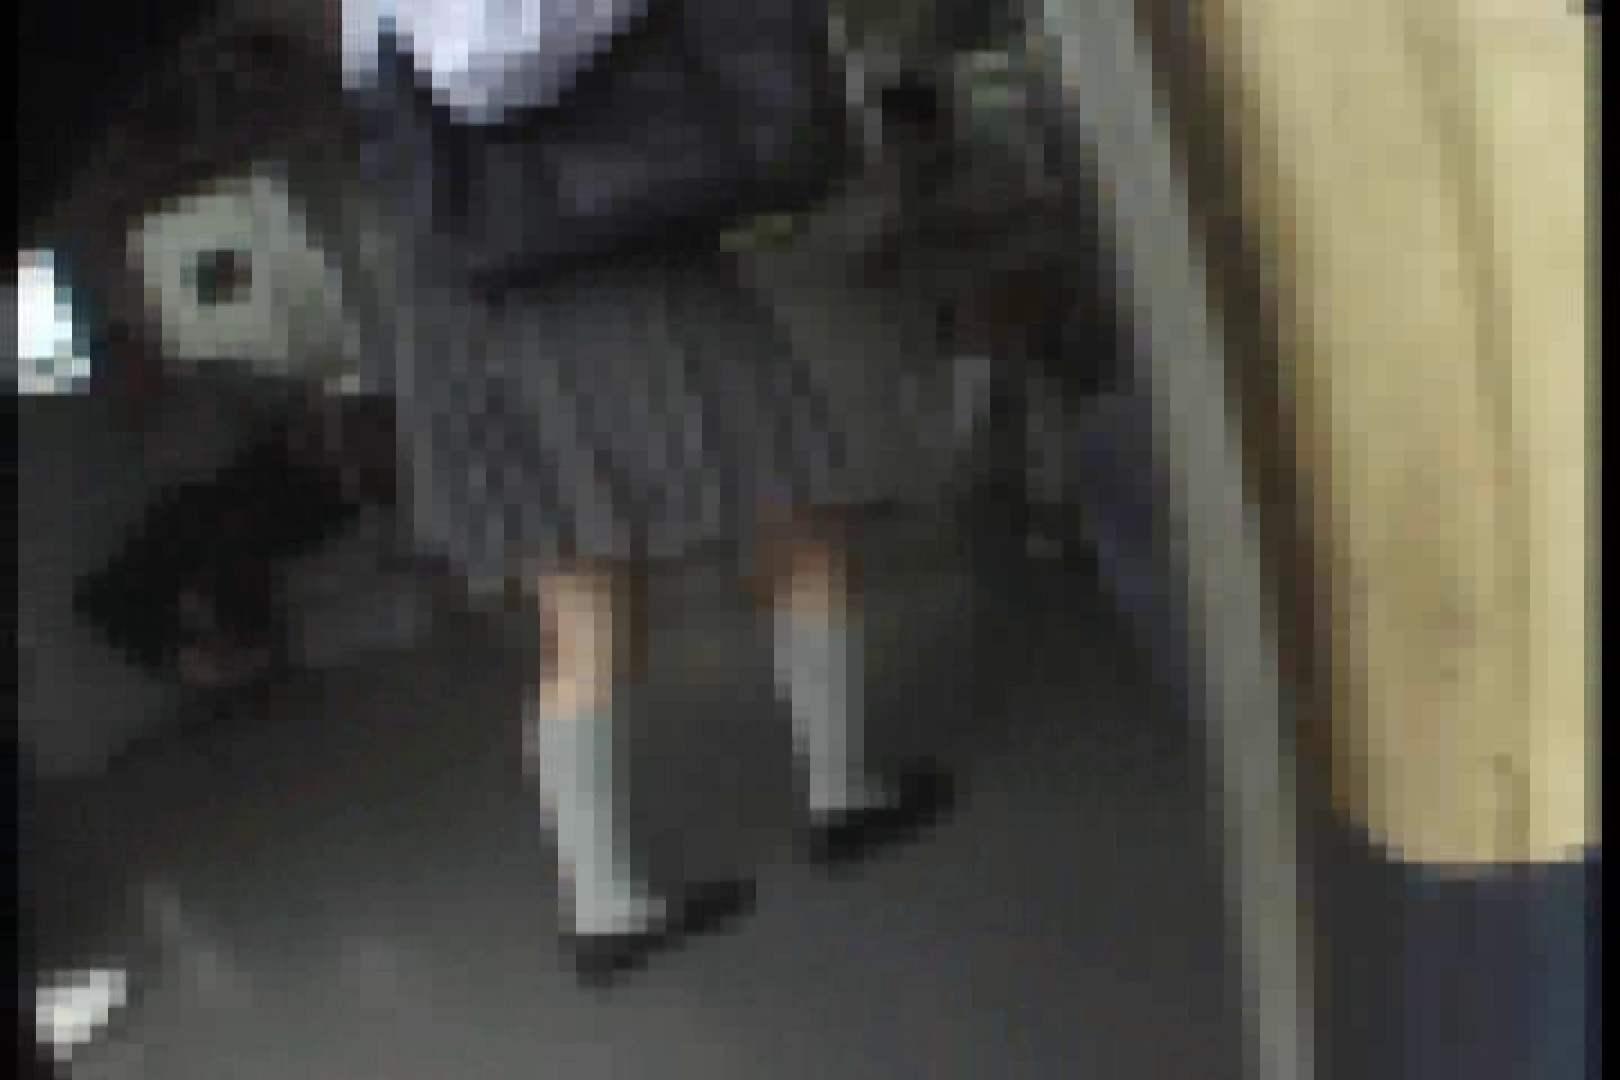 ぶっ掛け電車 只今運行中Vol.1 車 のぞき動画画像 82pic 80